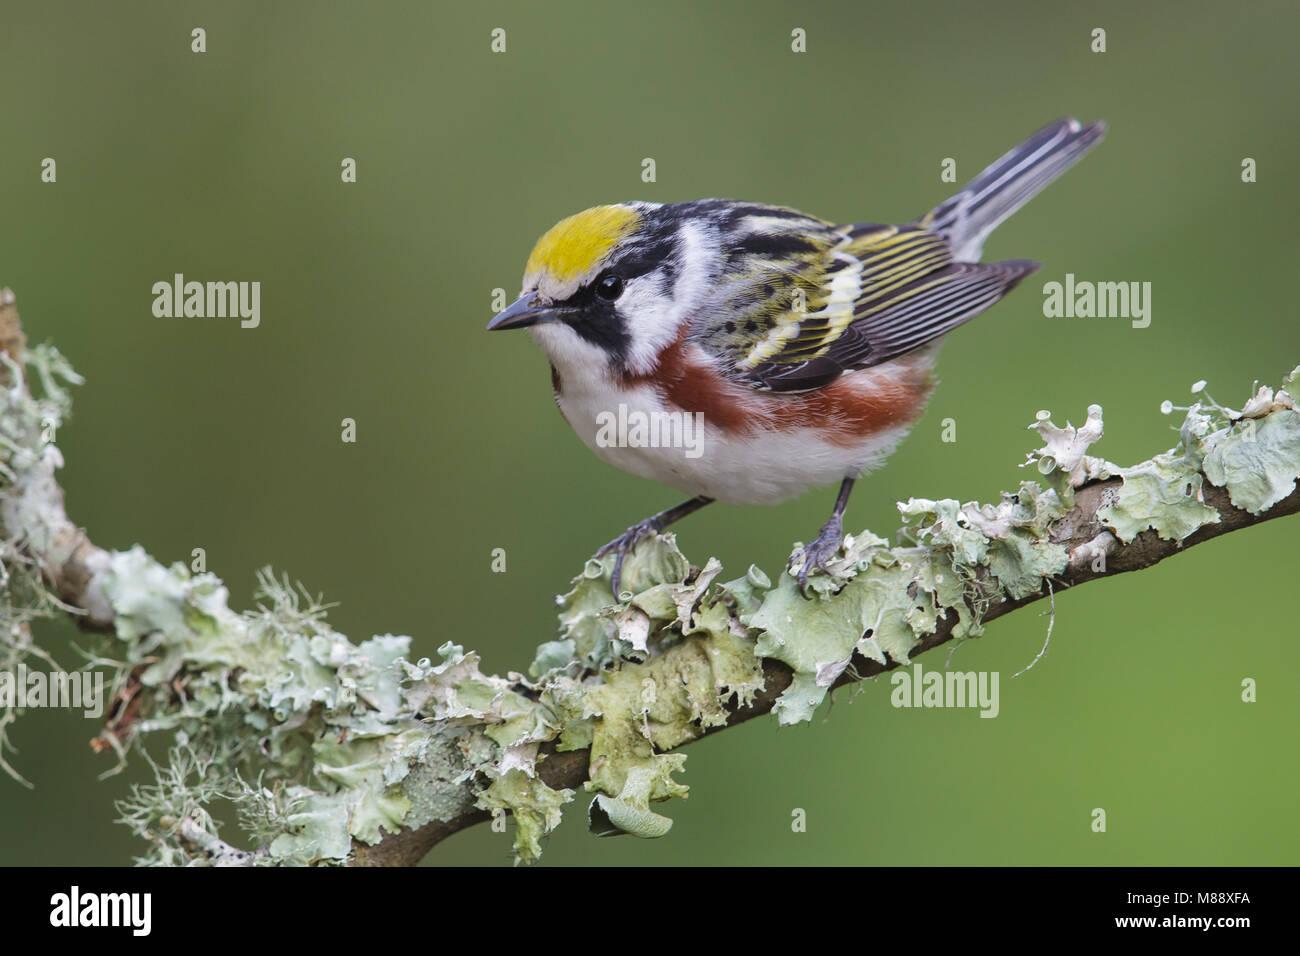 Mannetje Roestflankzanger, männliche Chestnut-seitig Warbler Stockfoto